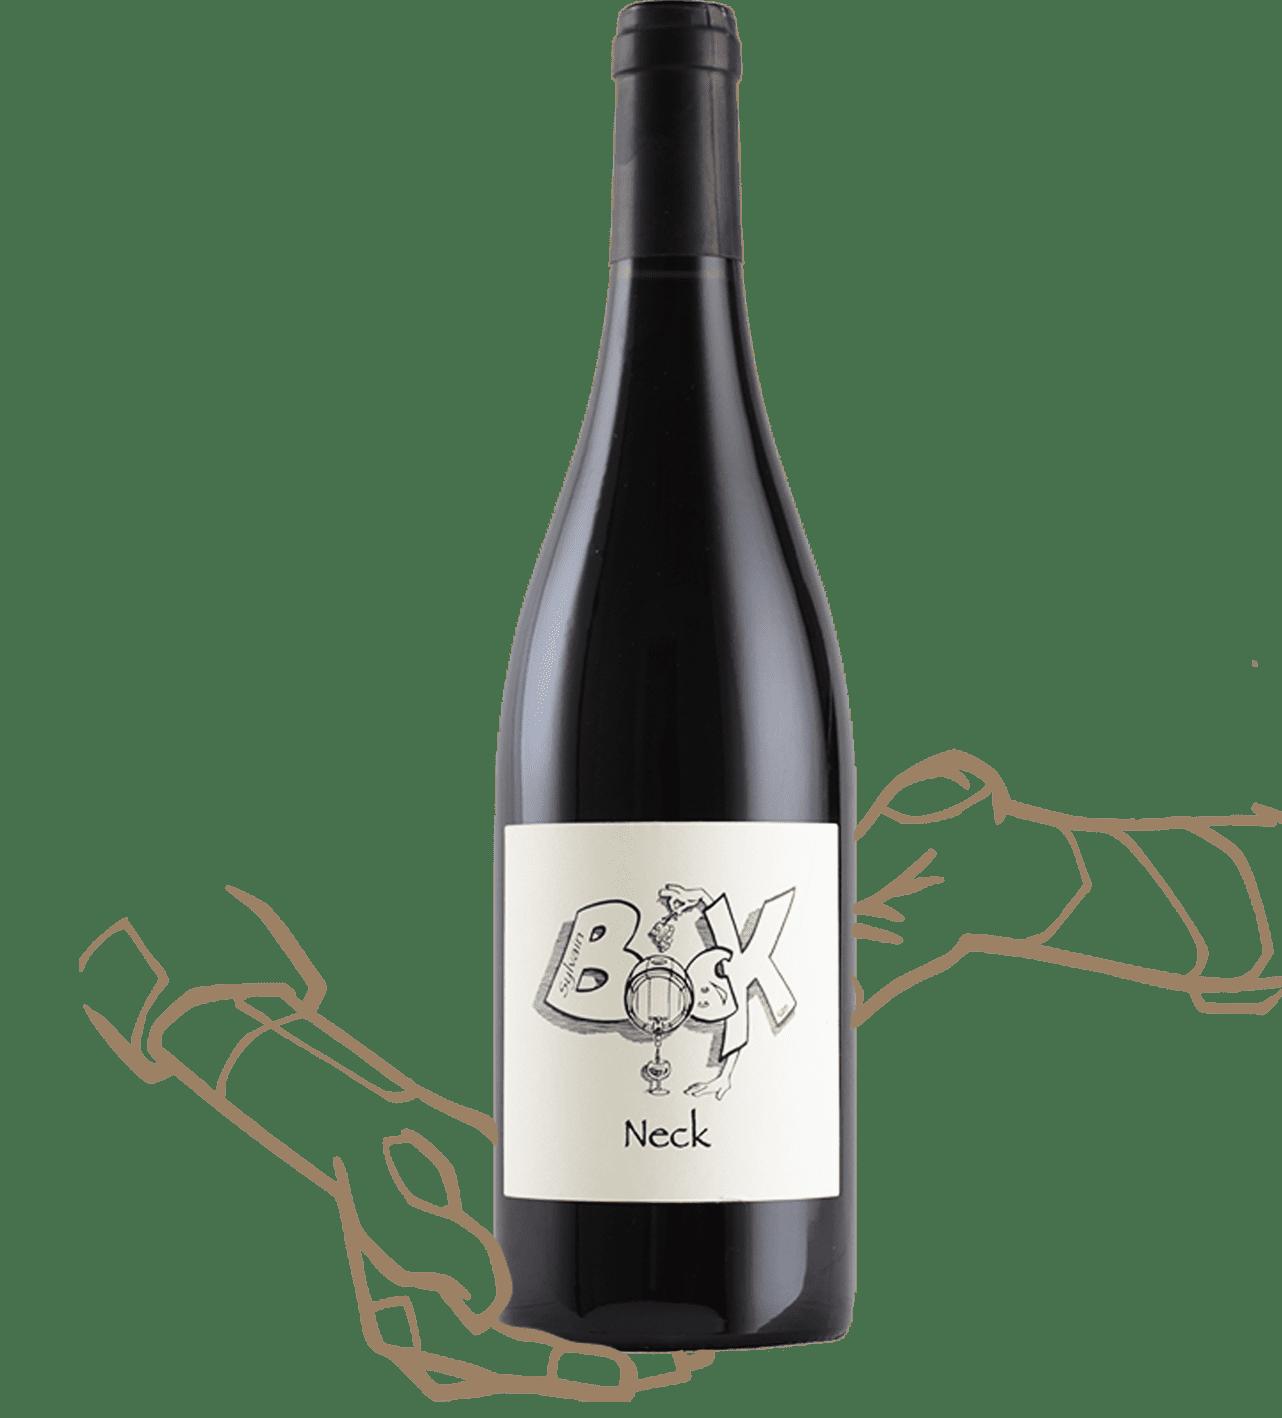 neck est un vin naturel rouge sans sulfite ajouté de sylvain bock en ardèche